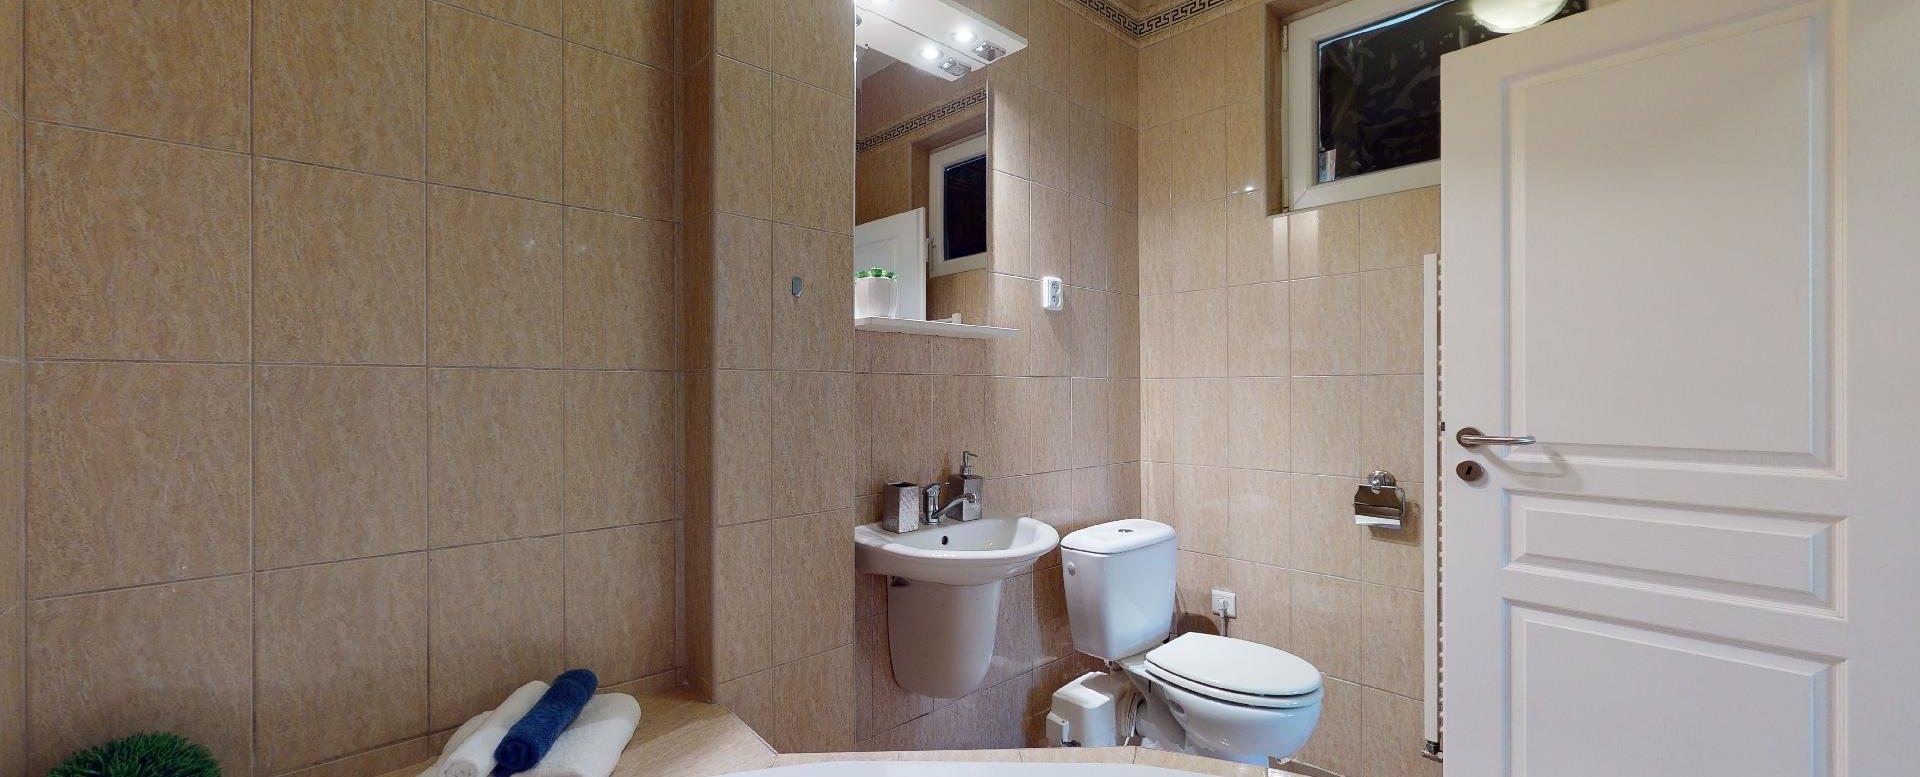 Pohľad na umývadlo a toaletu 2-izbového bytu v Manderláku